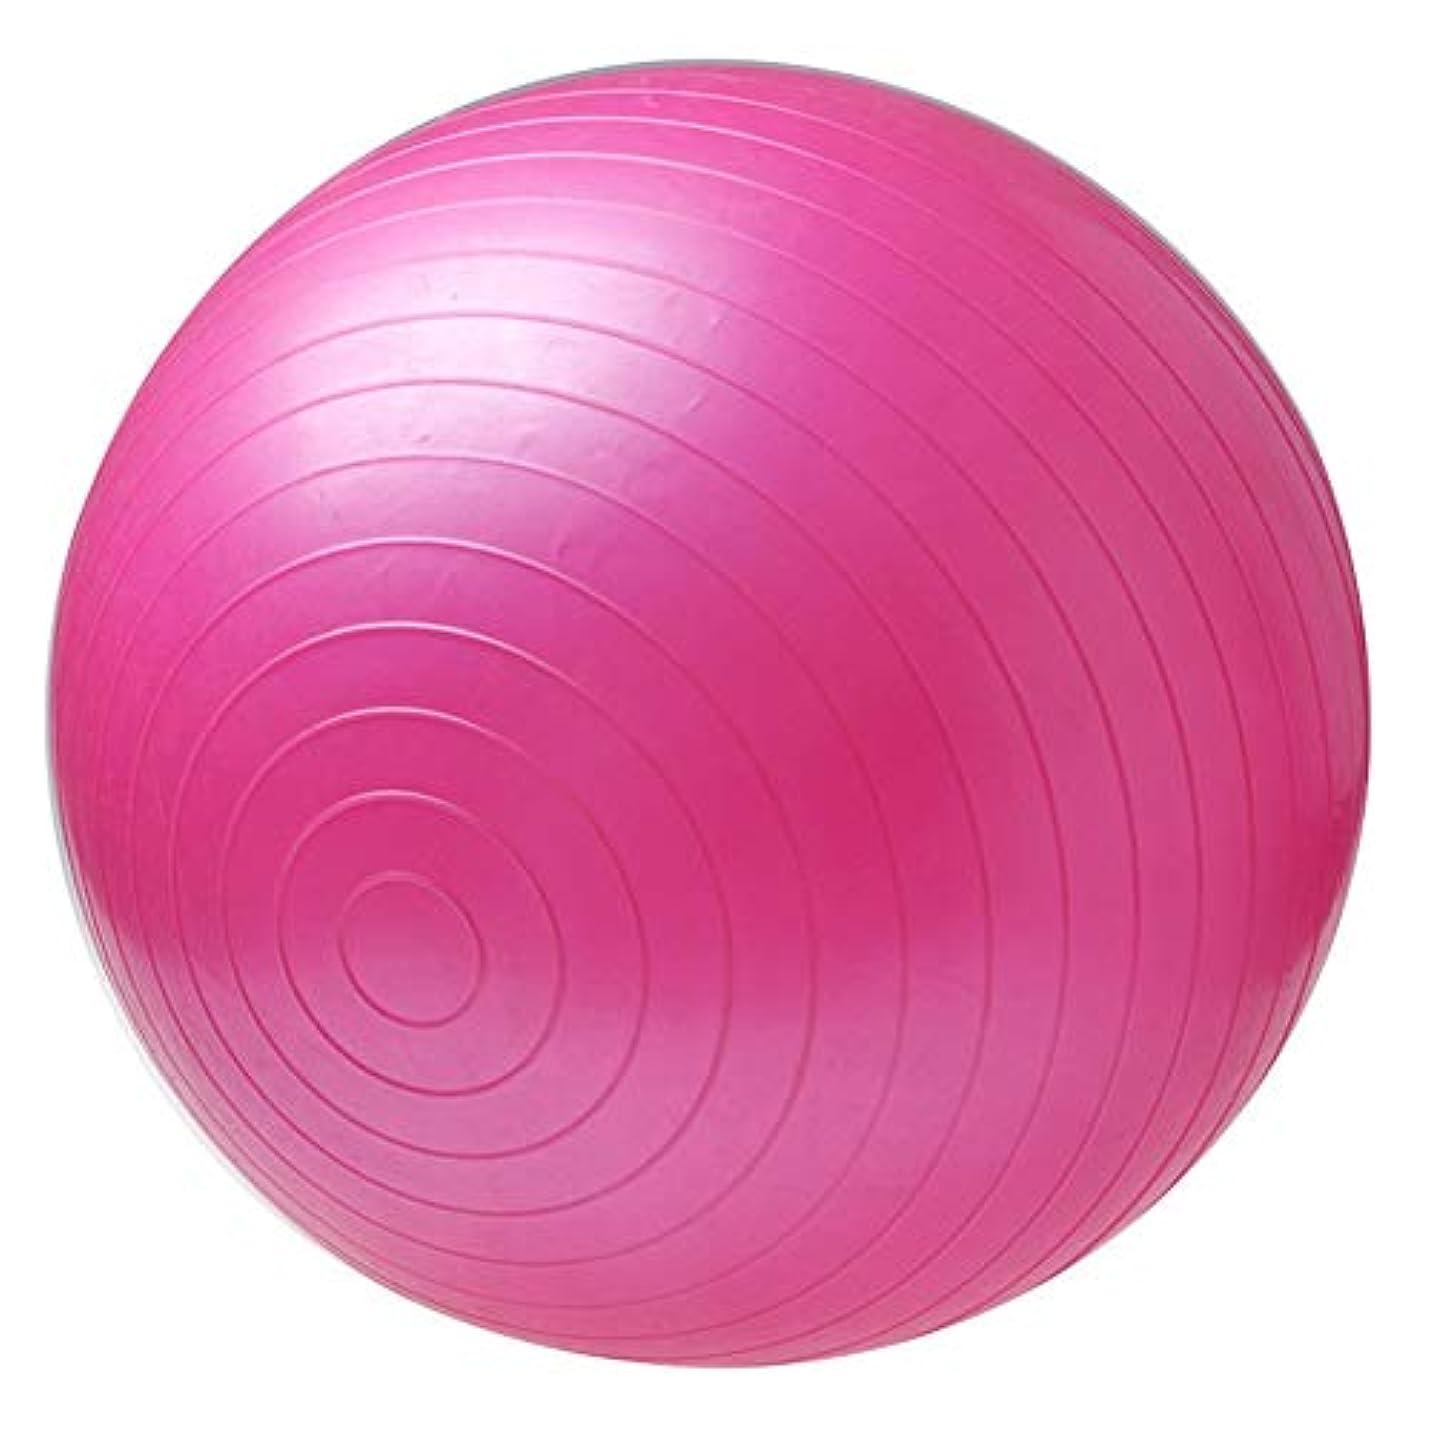 ジェームズダイソンパーツ立証する非毒性スポーツヨガボールボラピラティスフィットネスジムバランスフィットボールエクササイズピラティスワークアウトマッサージボール - ピンク75センチ